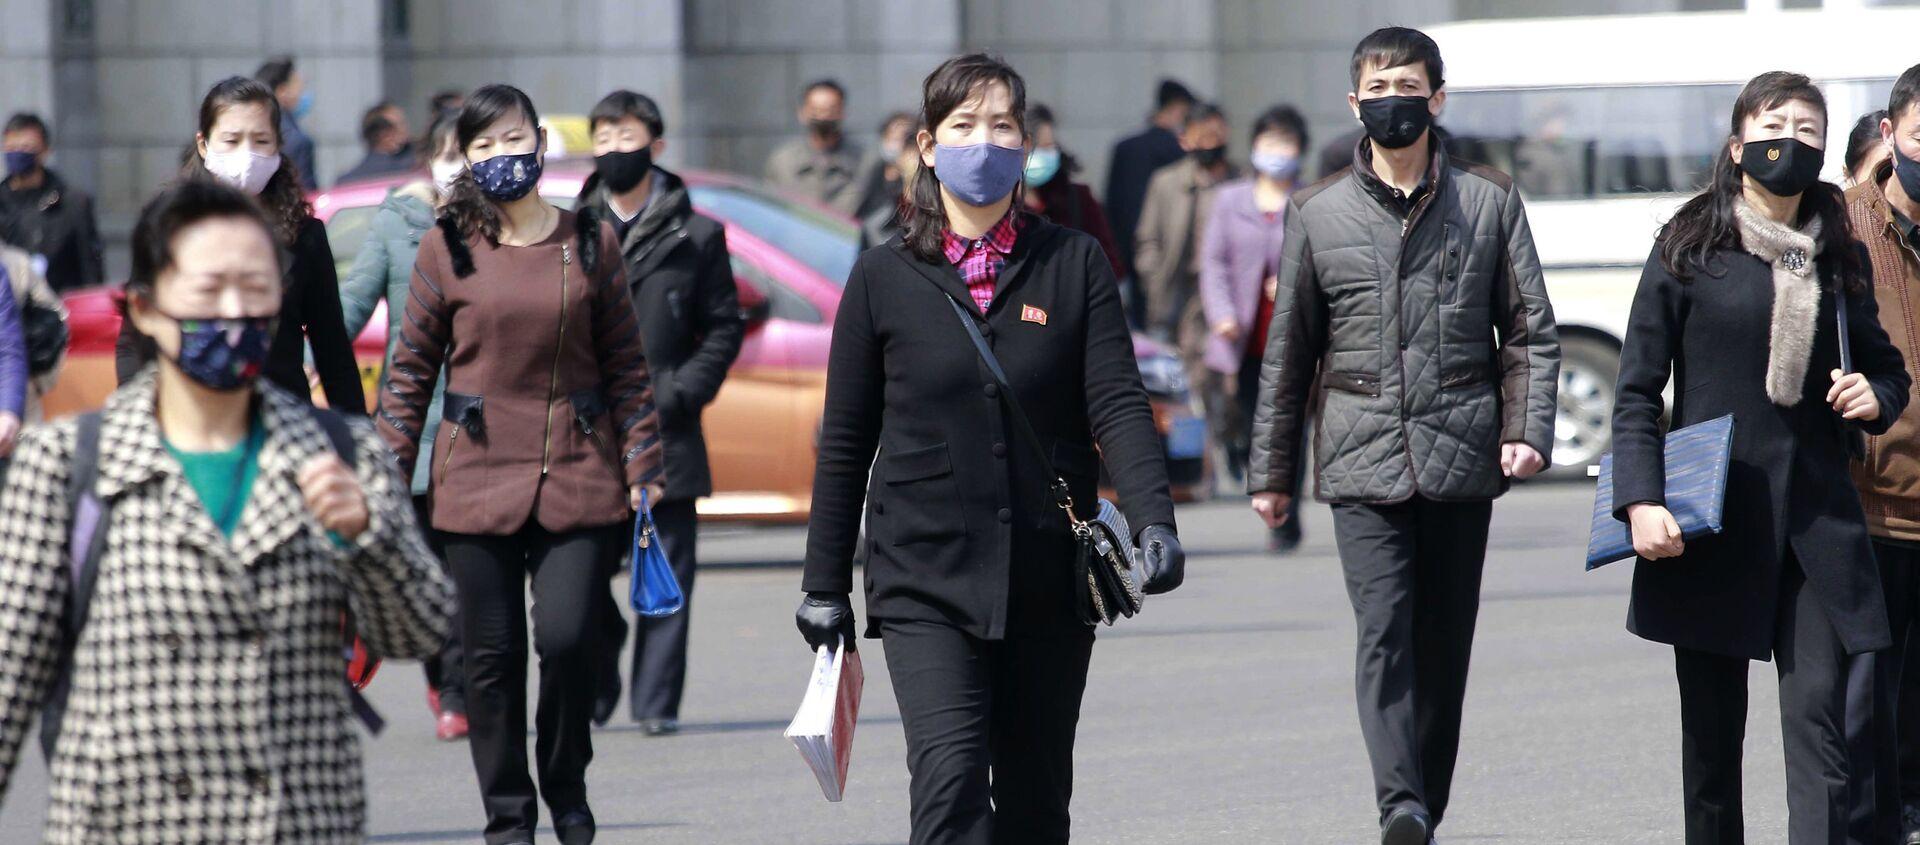 Người qua đường đeo mặt nạ y tế trên đường phố ở Bình Nhưỡng, Triều Tiên - Sputnik Việt Nam, 1920, 03.11.2020